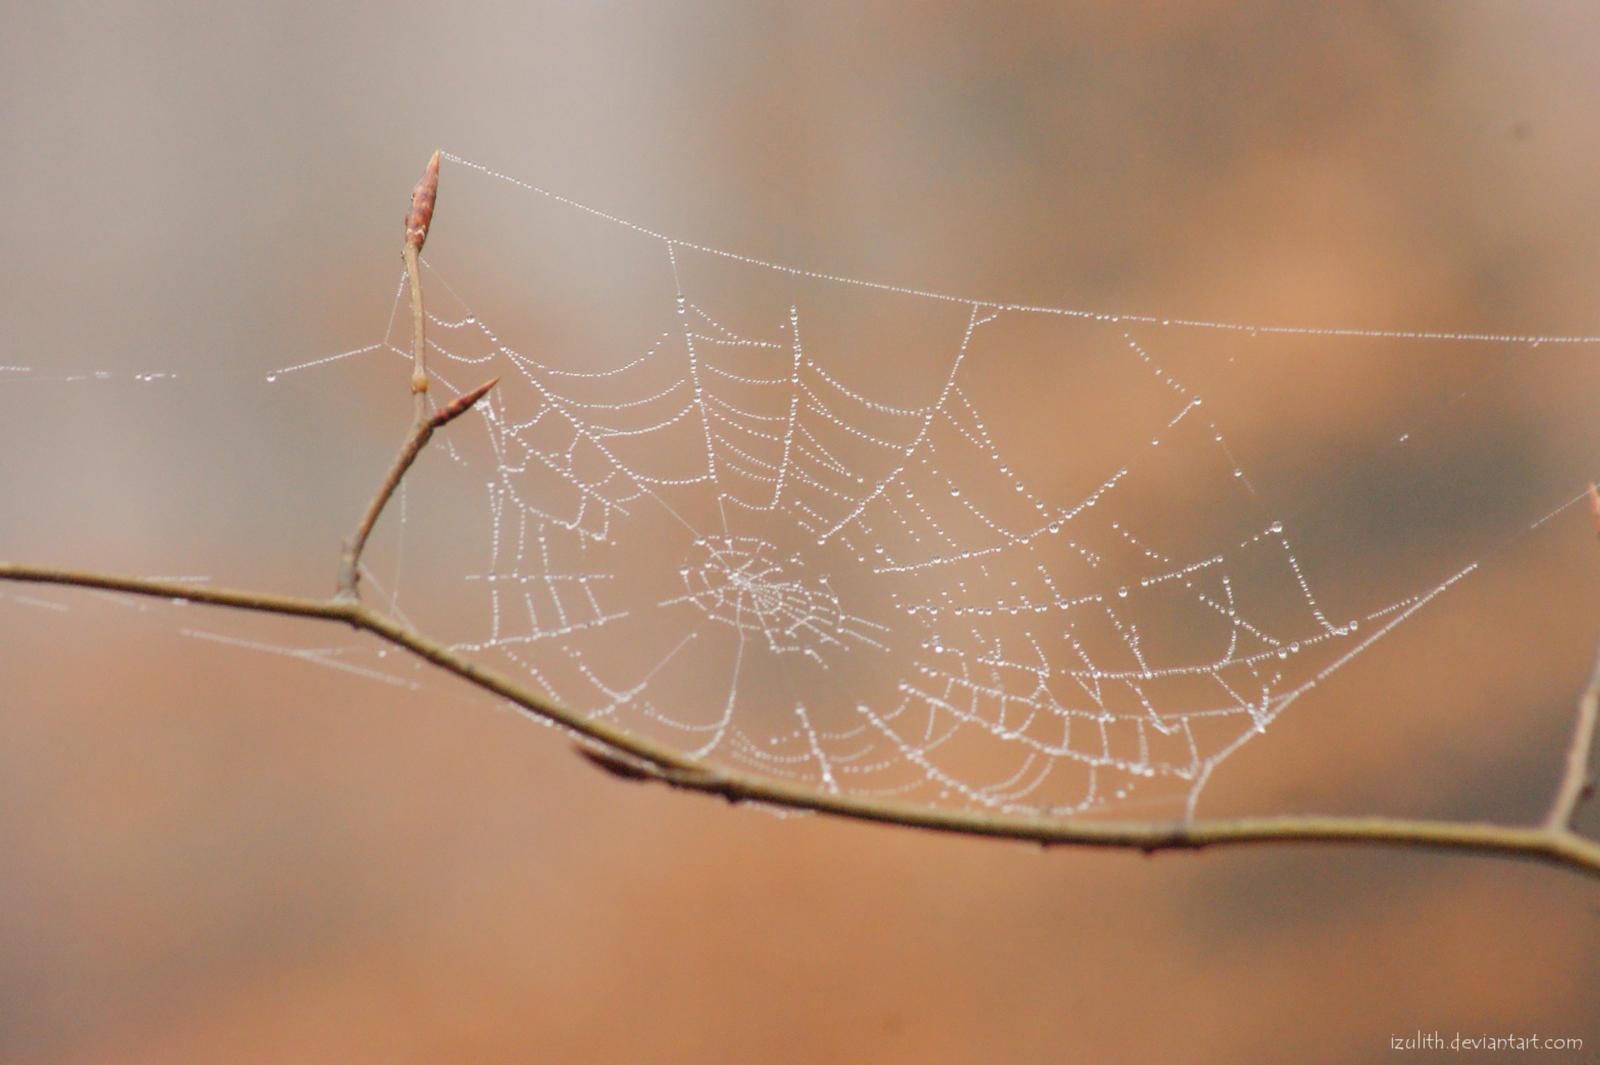 Cobweb by Izulith